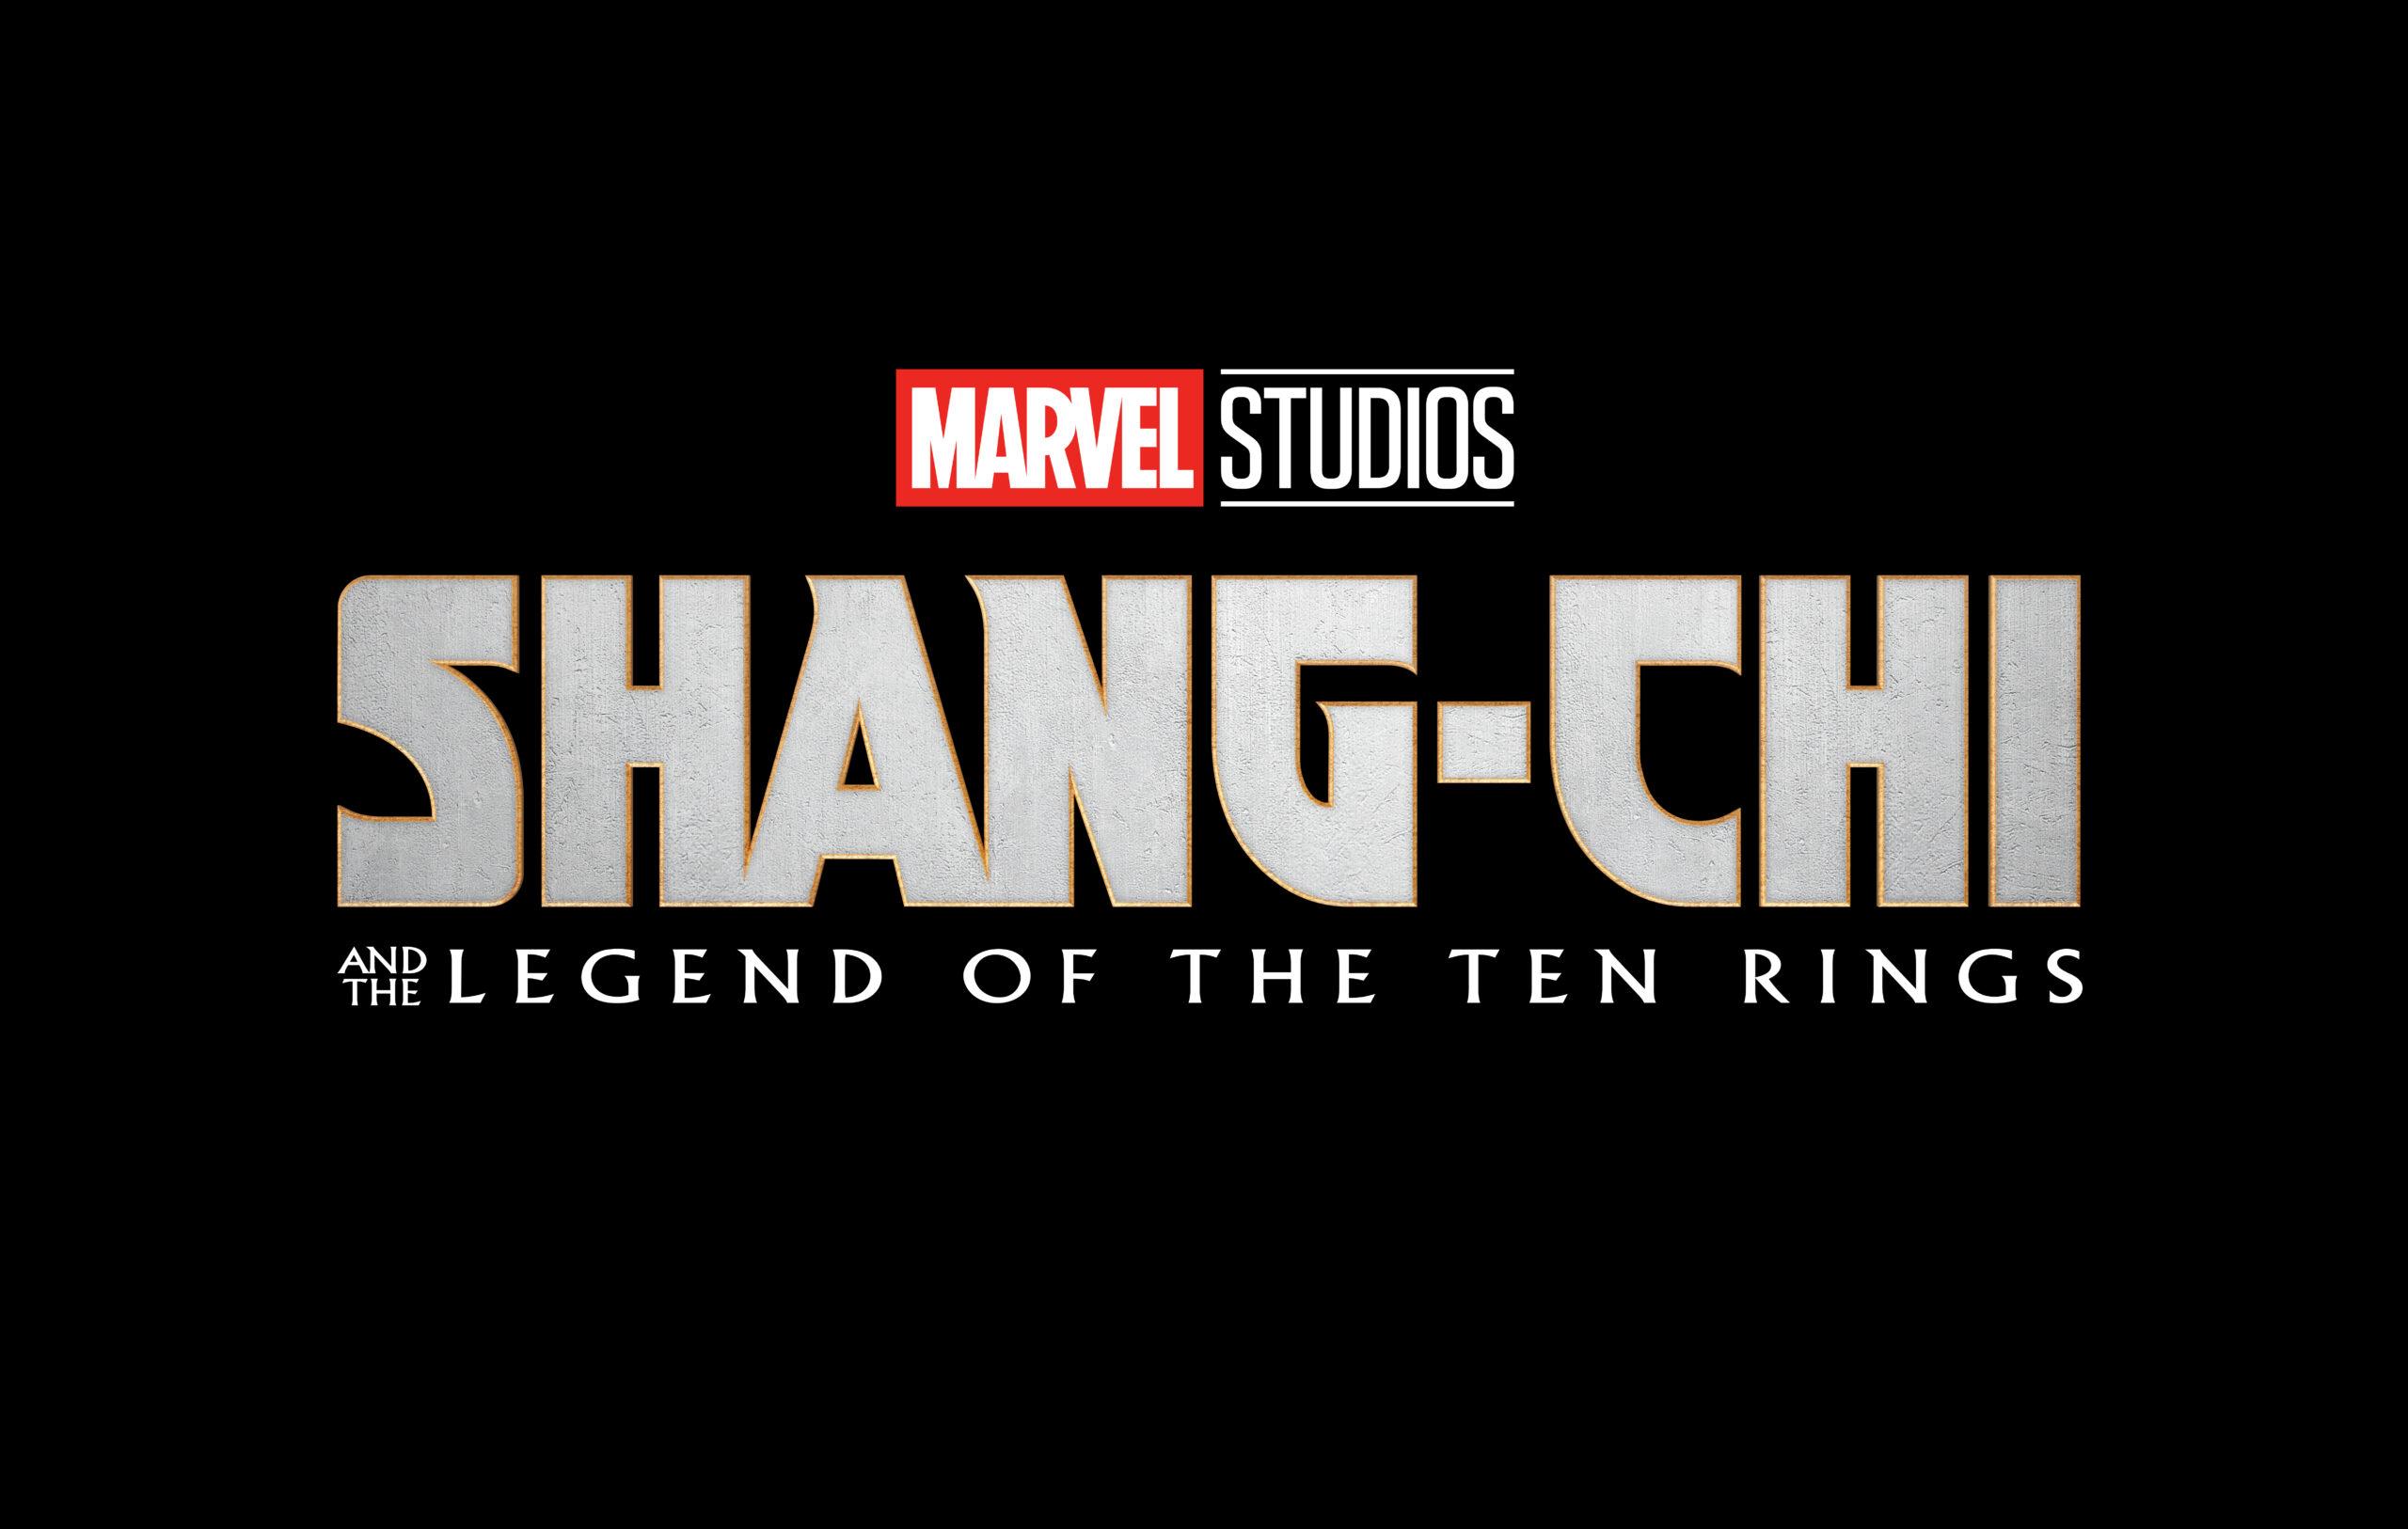 漫威首發《尚氣與十環傳奇》的動作特輯,9月3日迎接最新的超級英雄